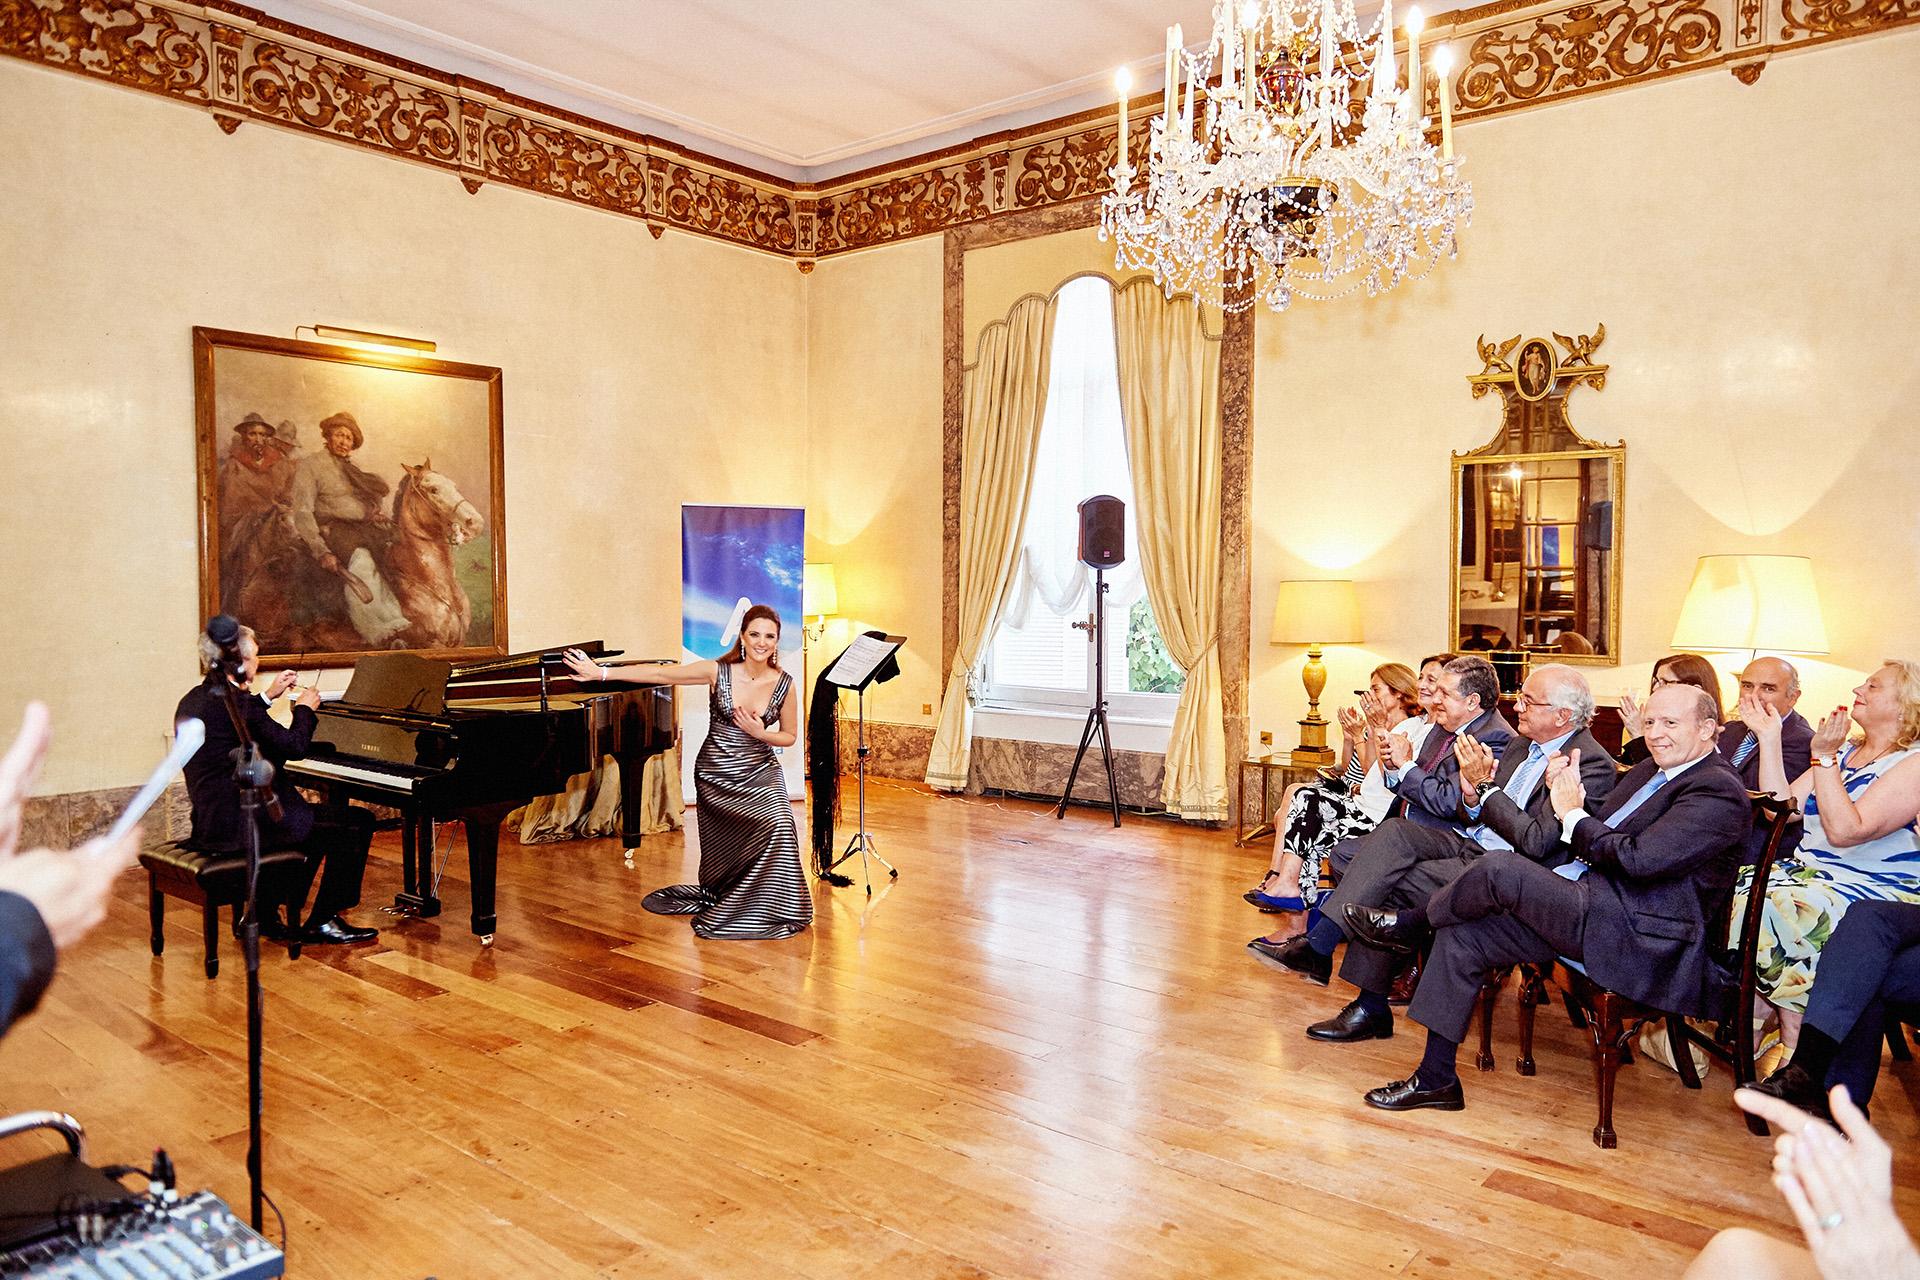 En escena en uno de los majestuosos salones de la embajada de España en Buenos Aires